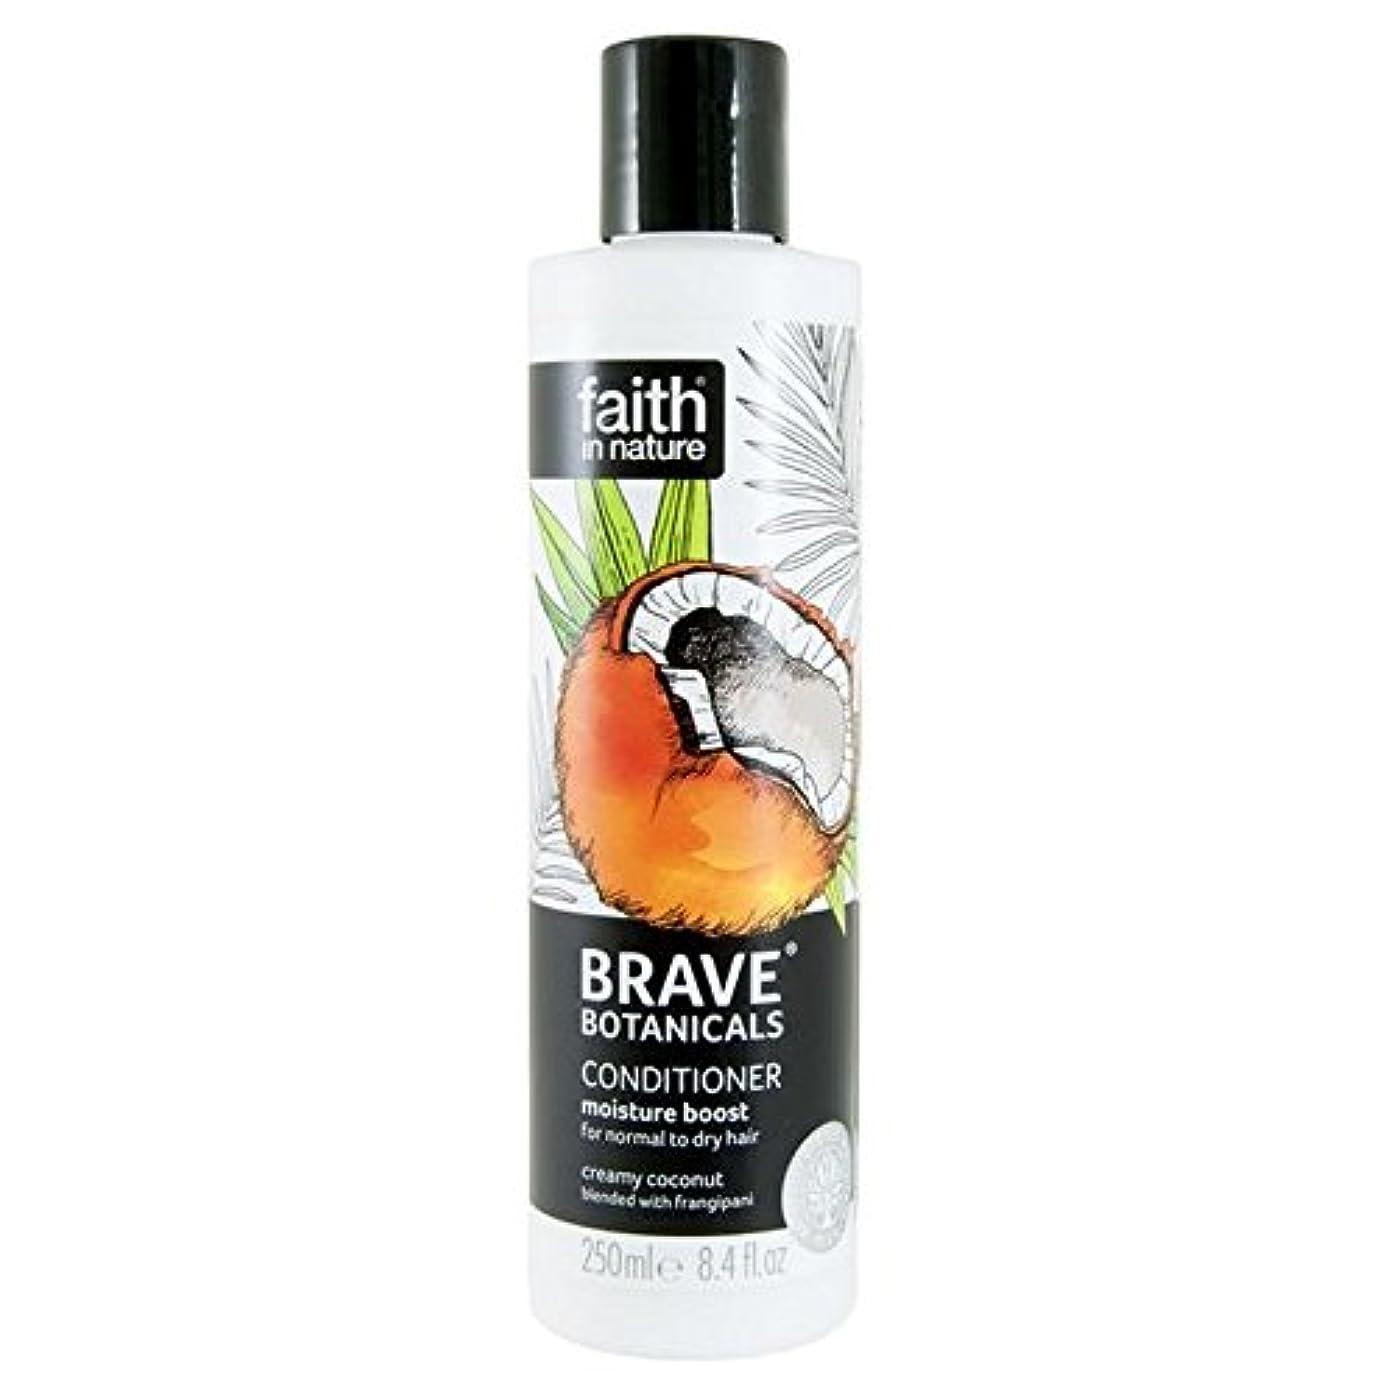 急襲蛾必要Brave Botanicals Coconut & Frangipani Moisture Boost Conditioner 250ml - (Faith In Nature) 勇敢な植物ココナッツ&プルメリア水分ブーストコンディショナー...